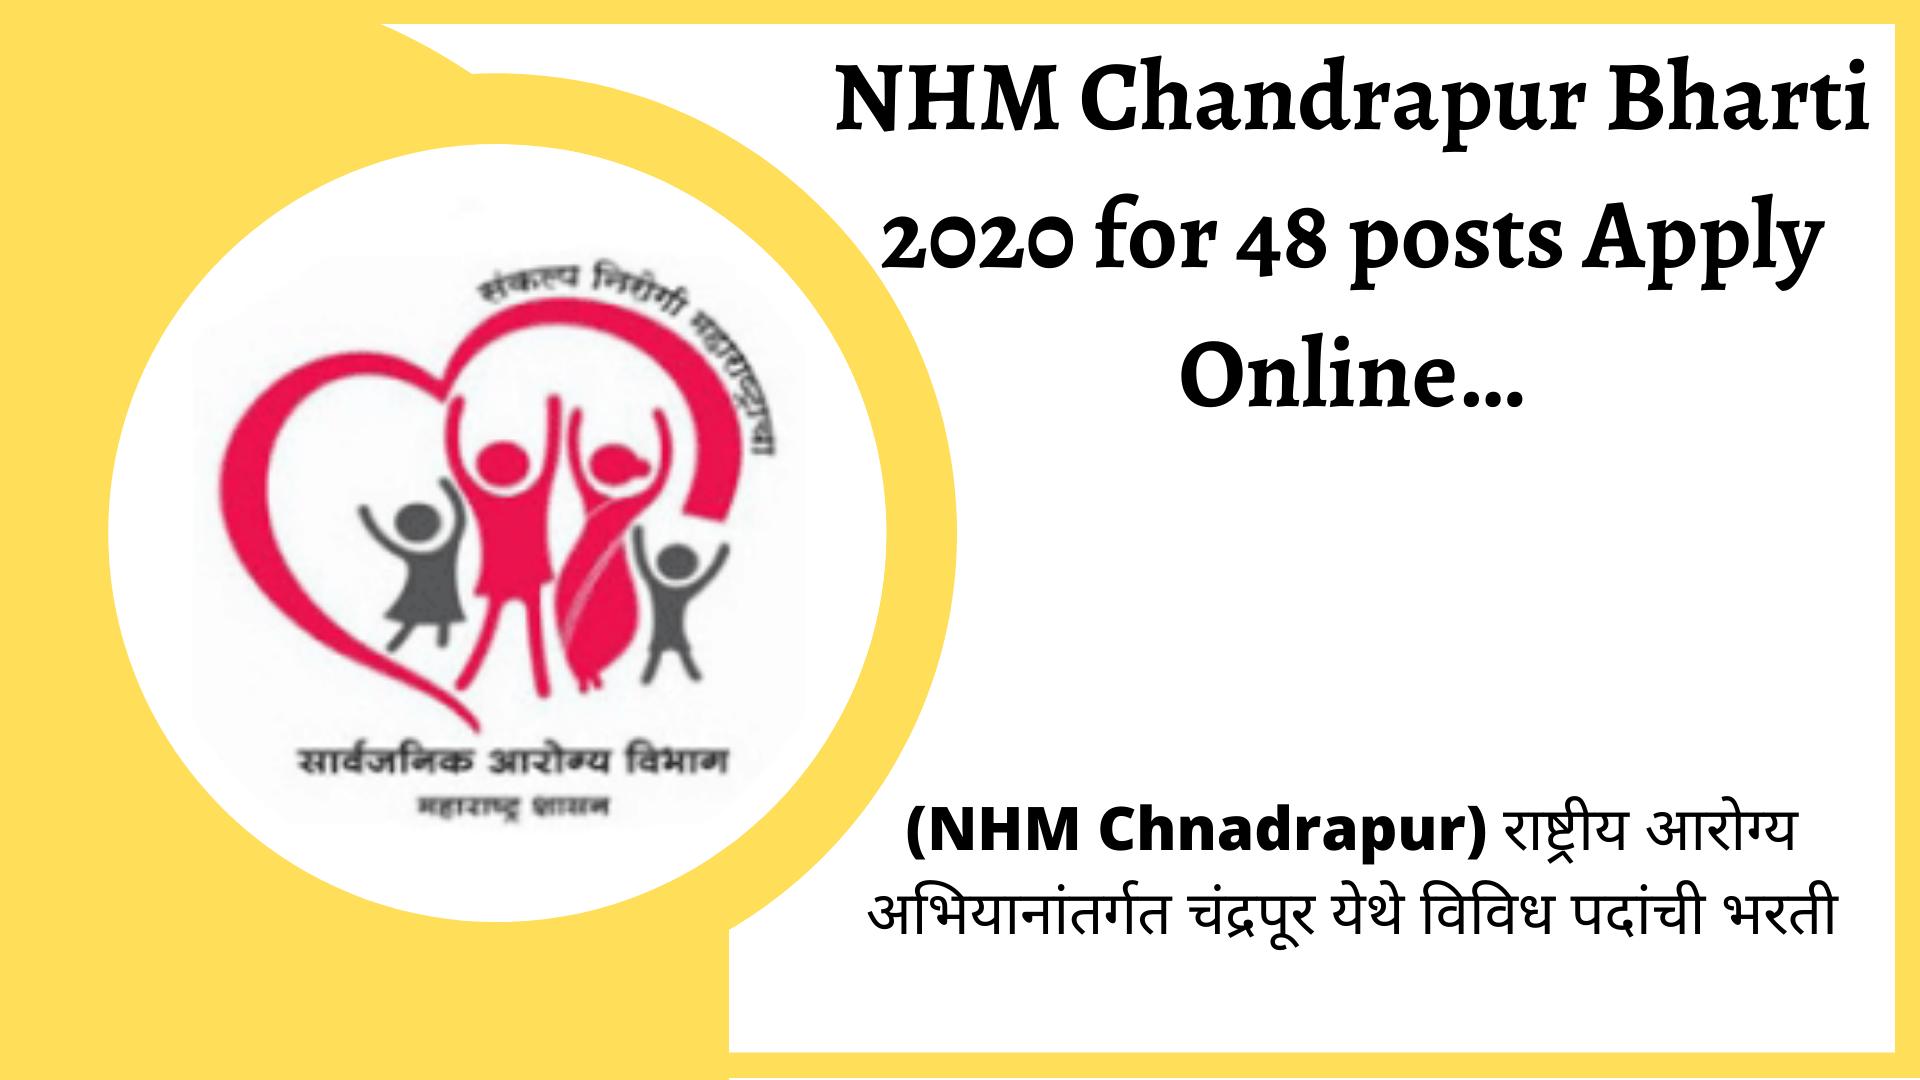 NHM Chnadrapur Bharti 2020